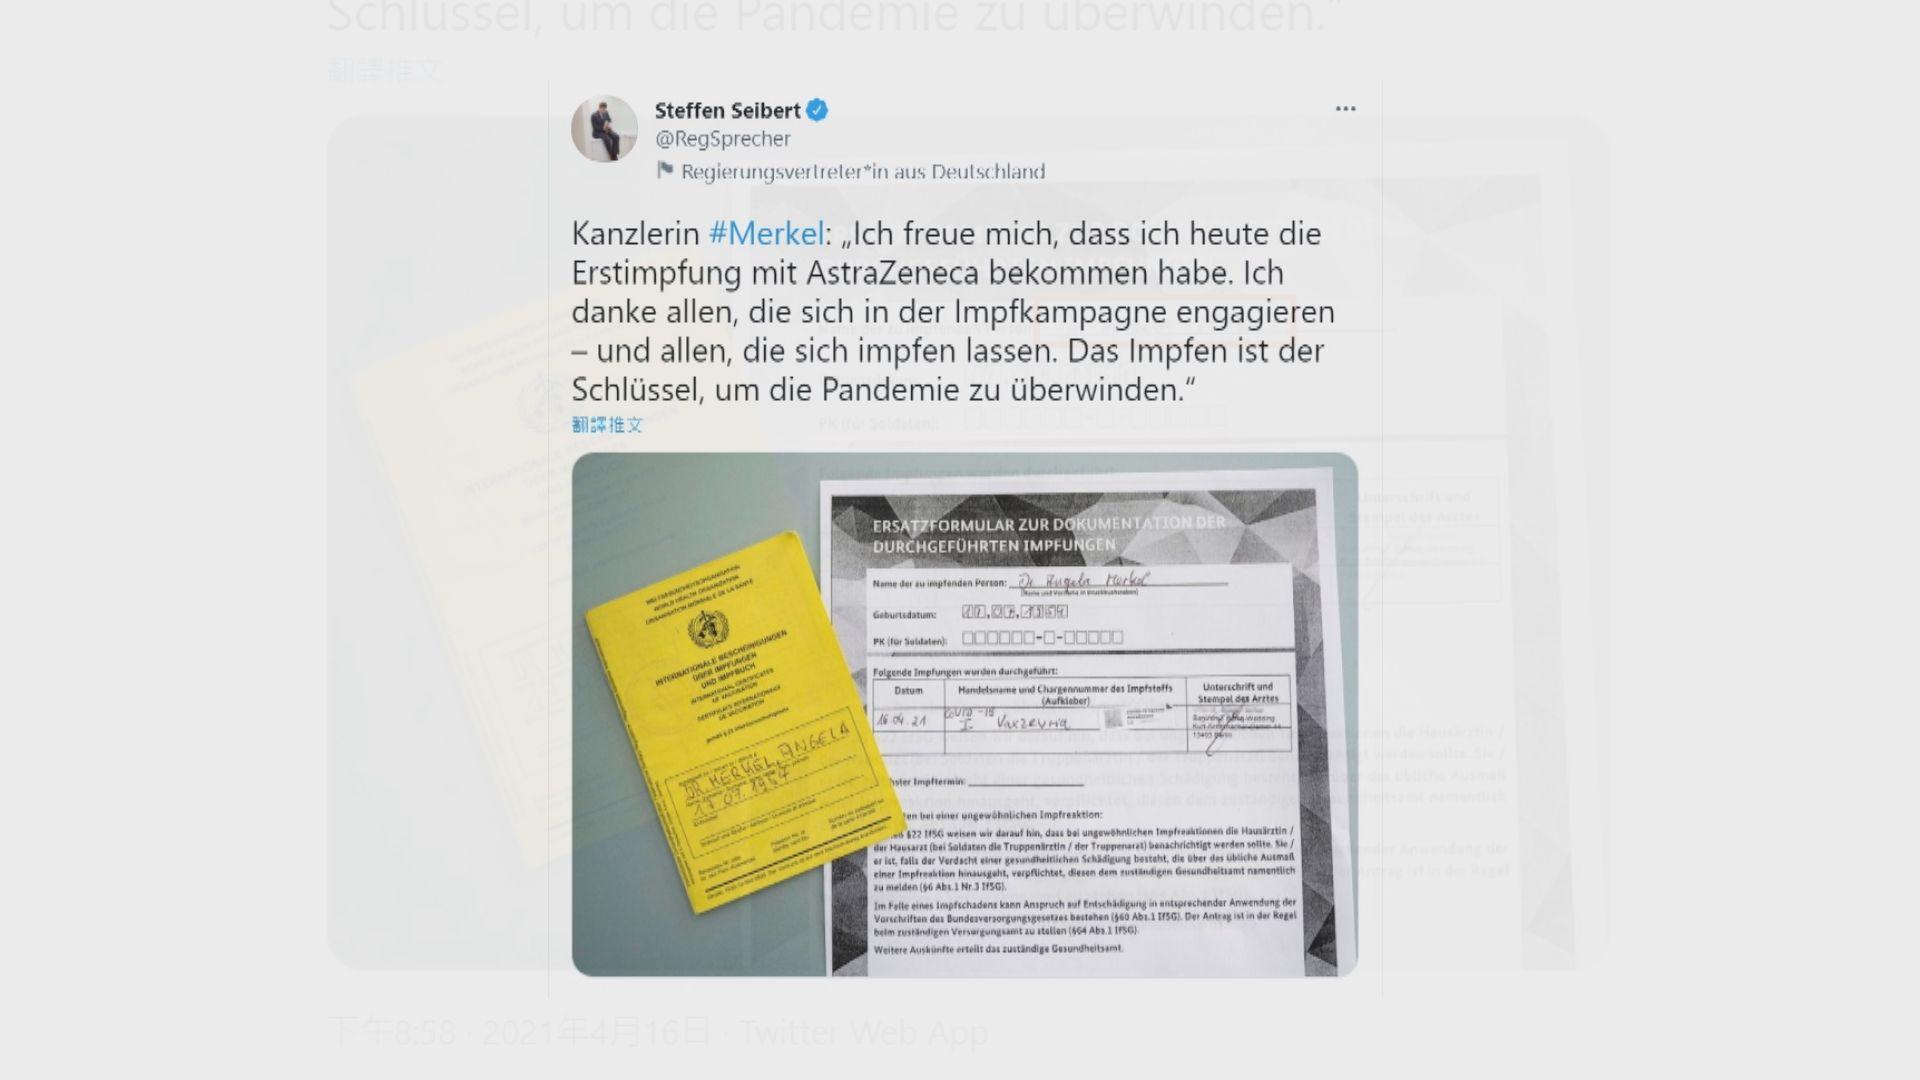 德總理默克爾混合接種新冠疫苗 專家指需研究其成效